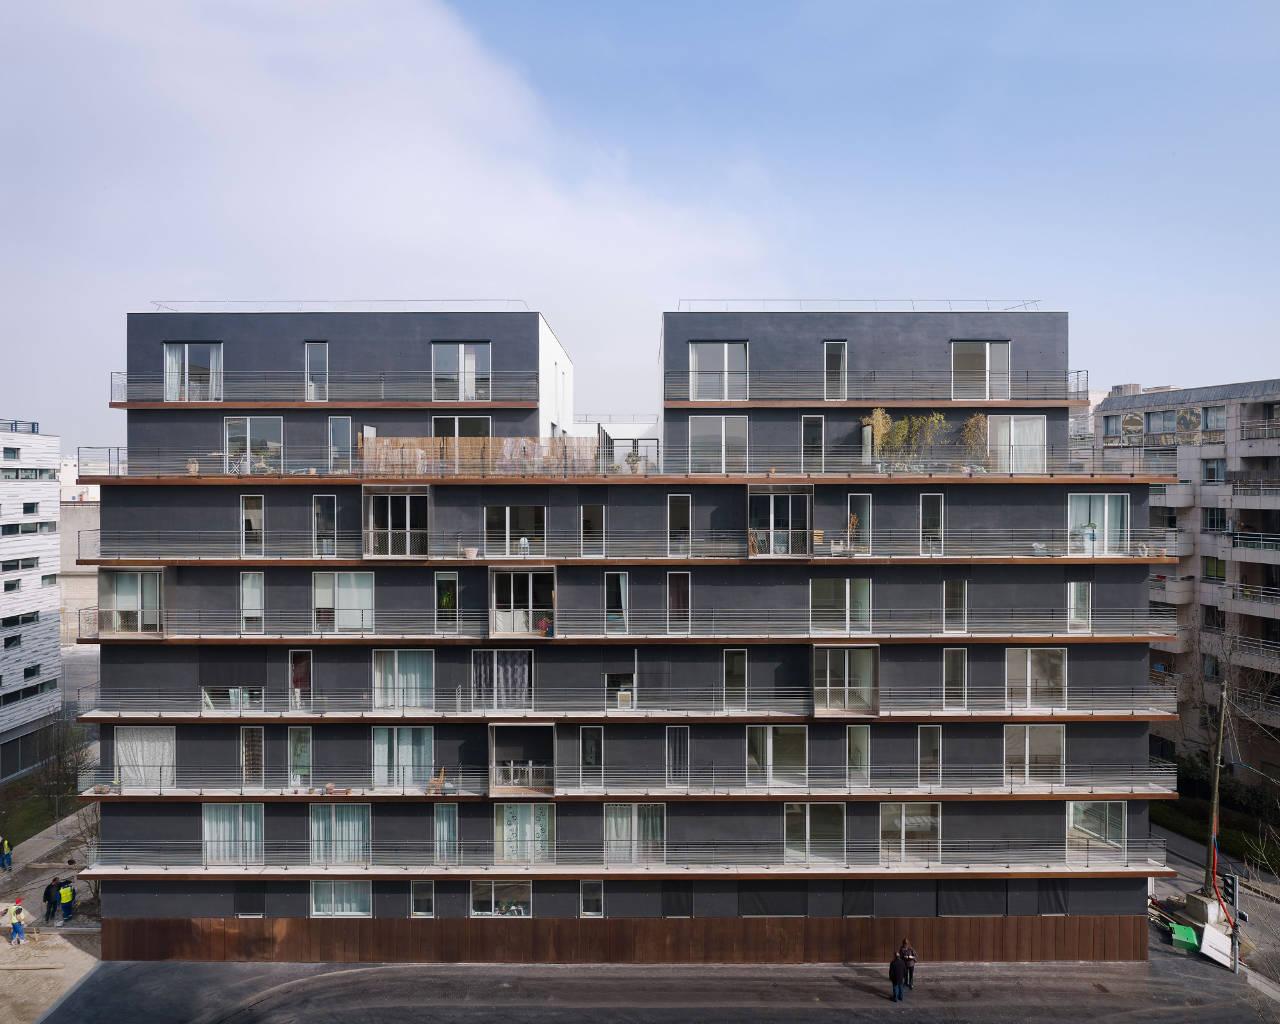 Unidade Habitacional em Boulogne-Billancourt / LAN Architecture, © Julien Lanoo